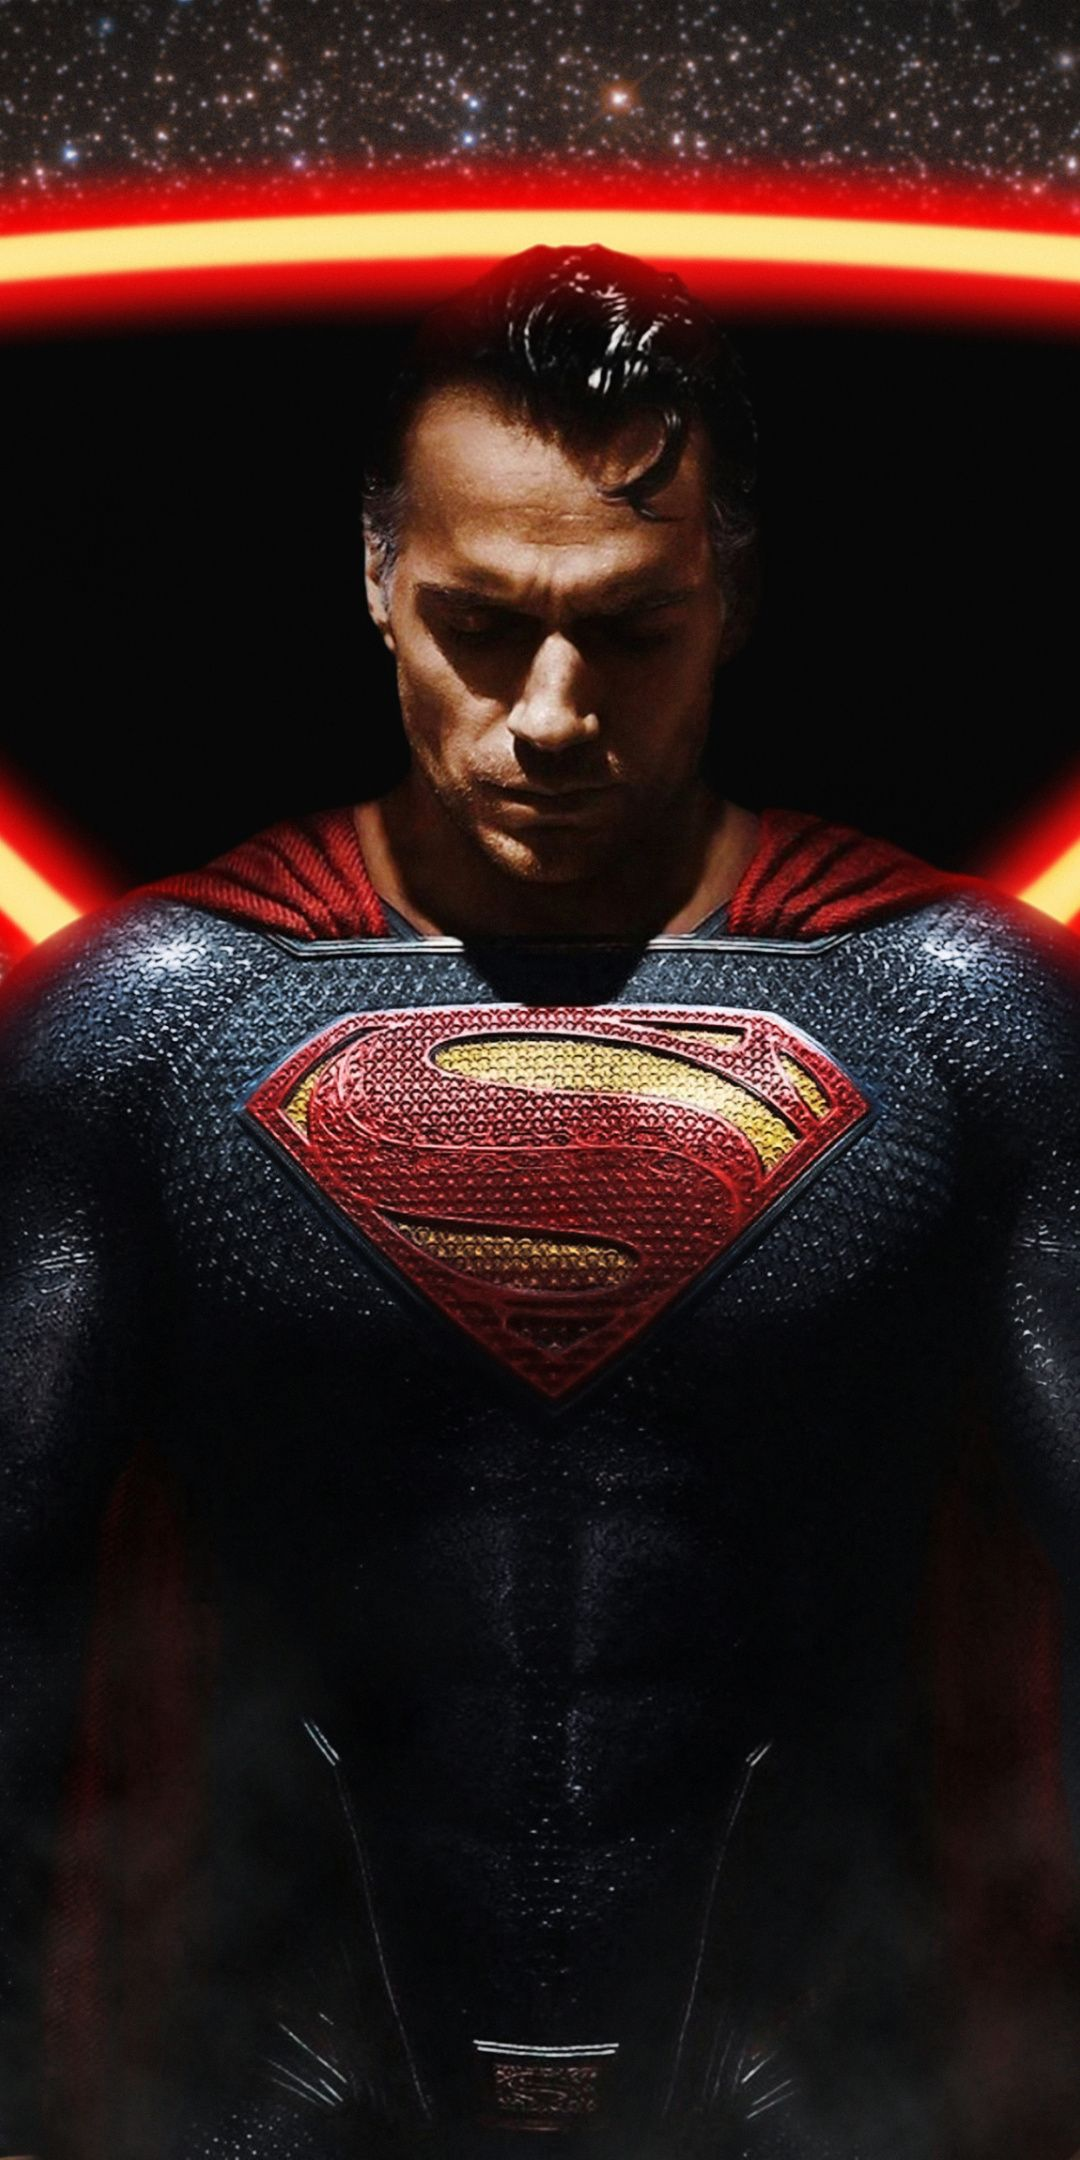 1080x2160 Henry Cavill Man Of Steel Movie Superman Wallpaper Superman Wallpaper Superman Hd Wallpaper Batman Joker Wallpaper